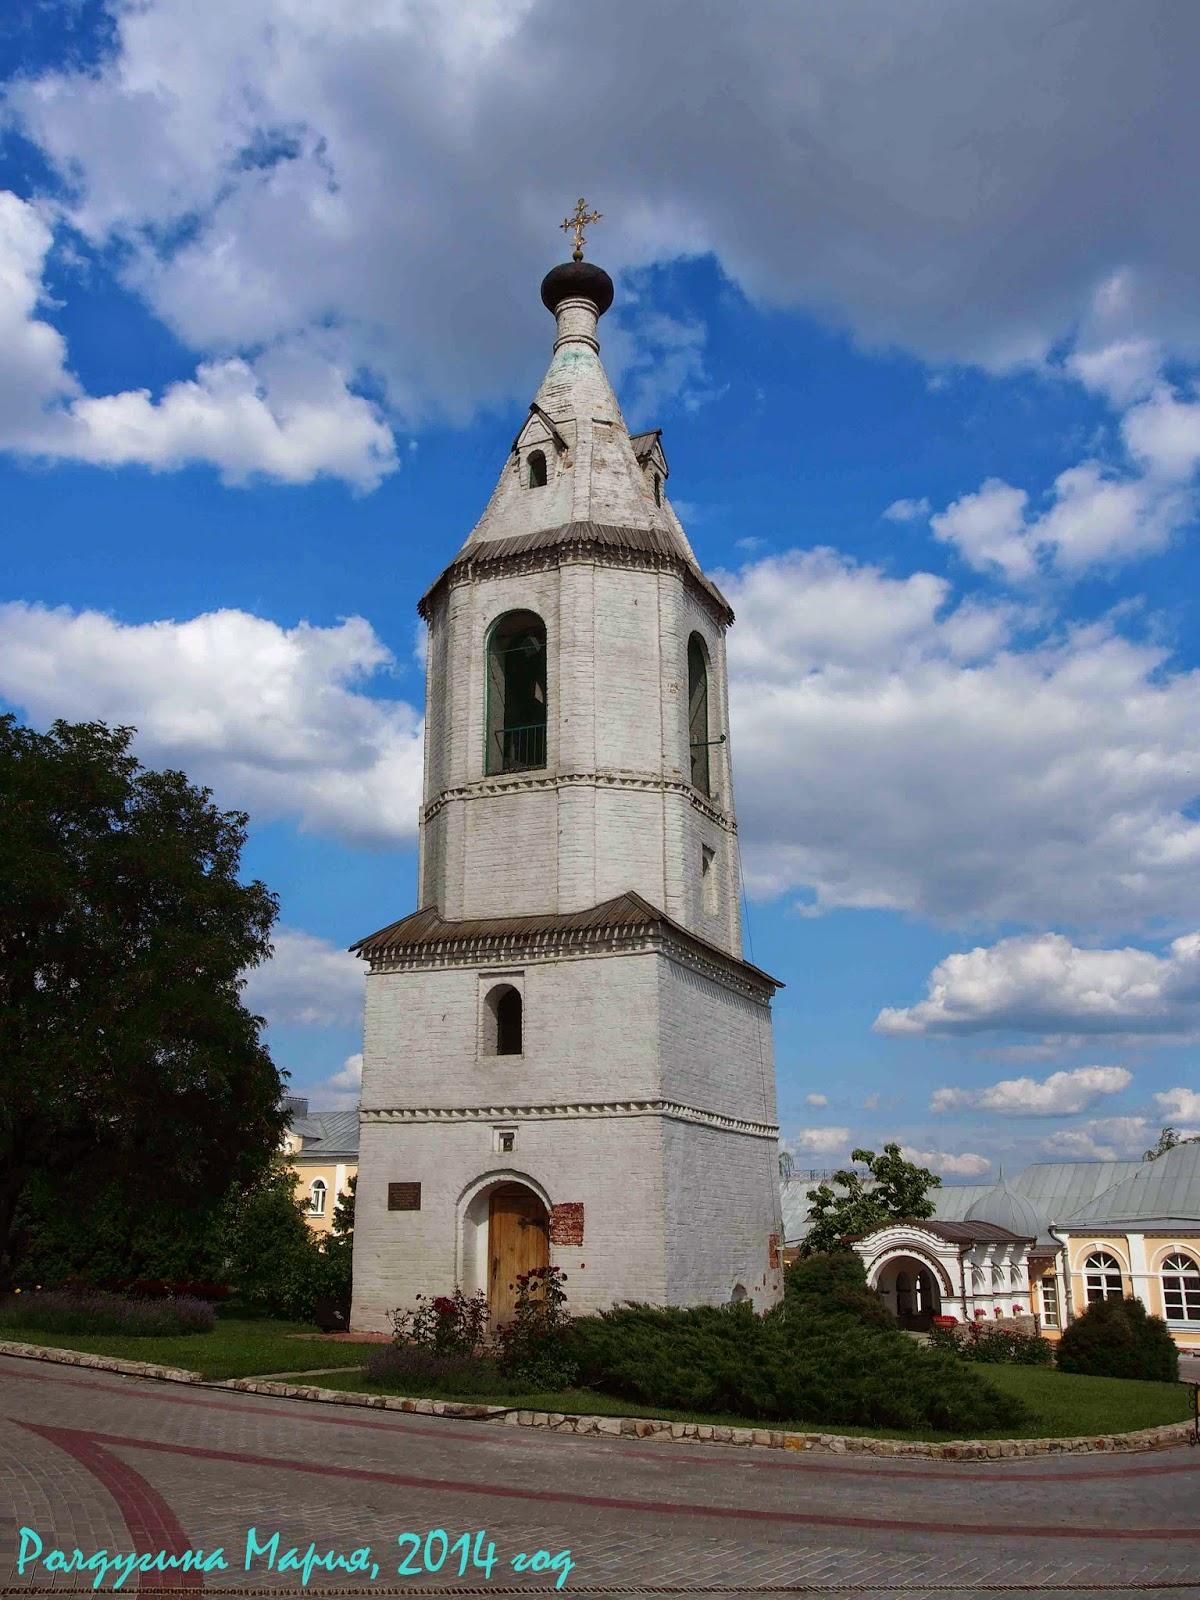 воронеж церковь колокольня